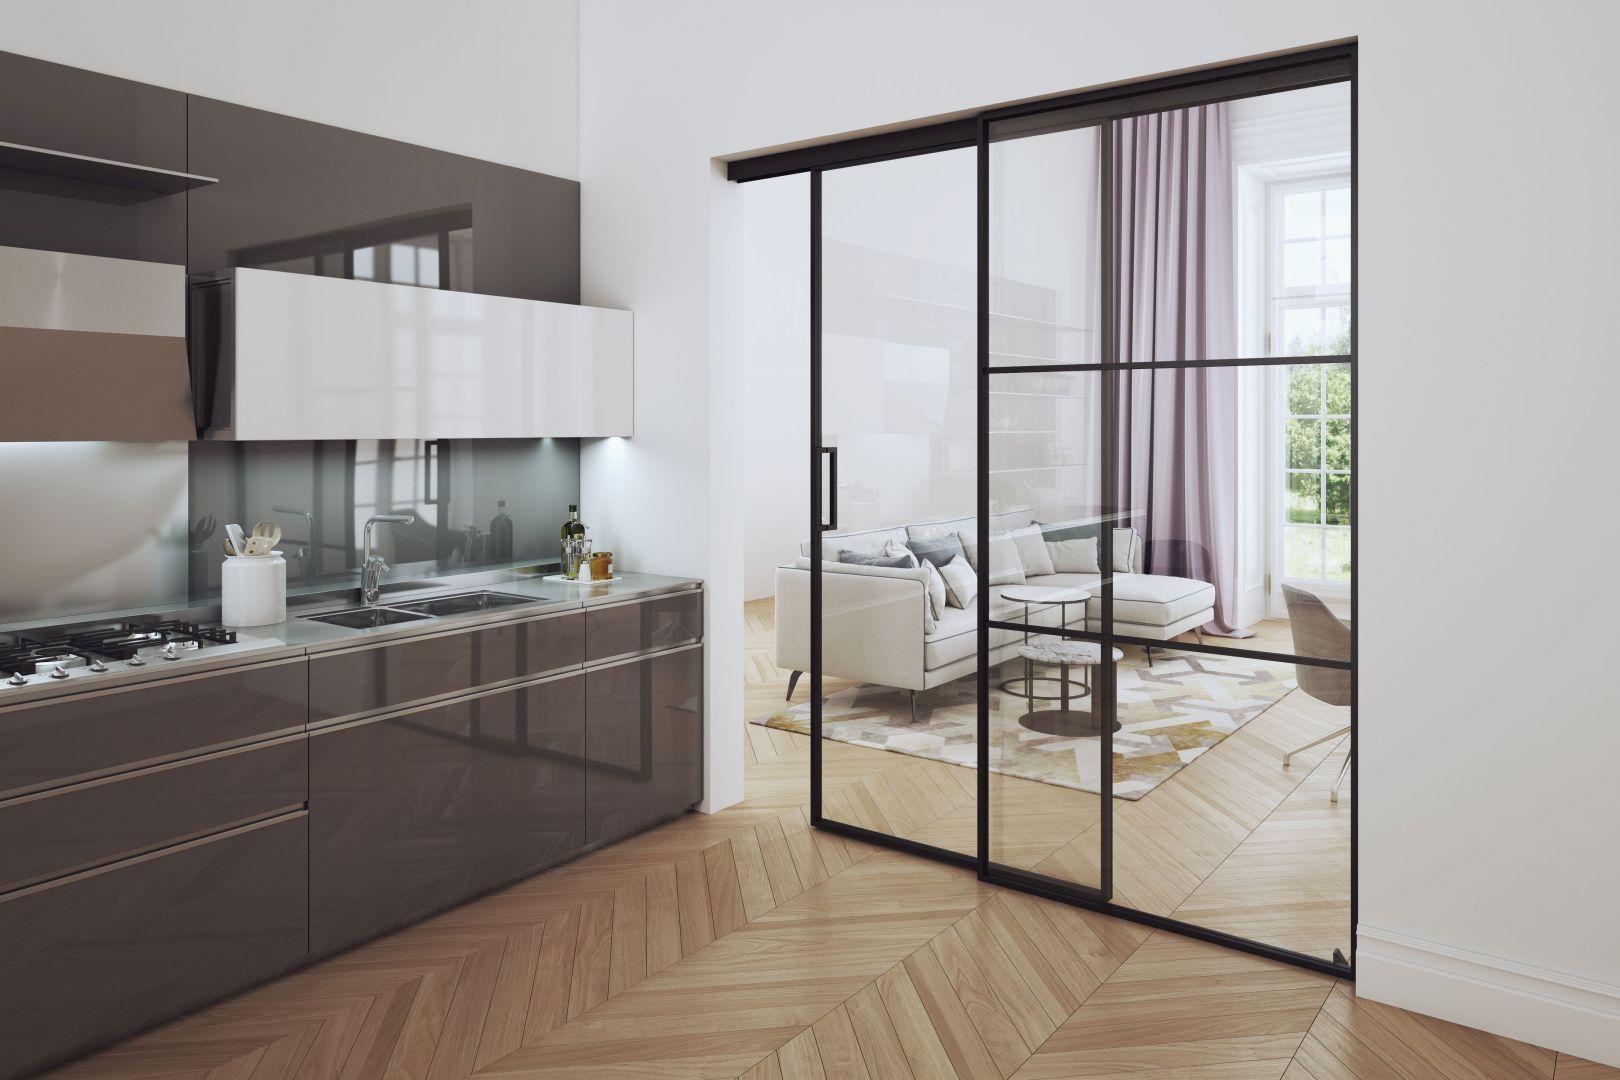 Aluminiowe drzwi przesuwne mogą być wypełnione tylko szkłem lub częściowo płytą. Fot. Komandor